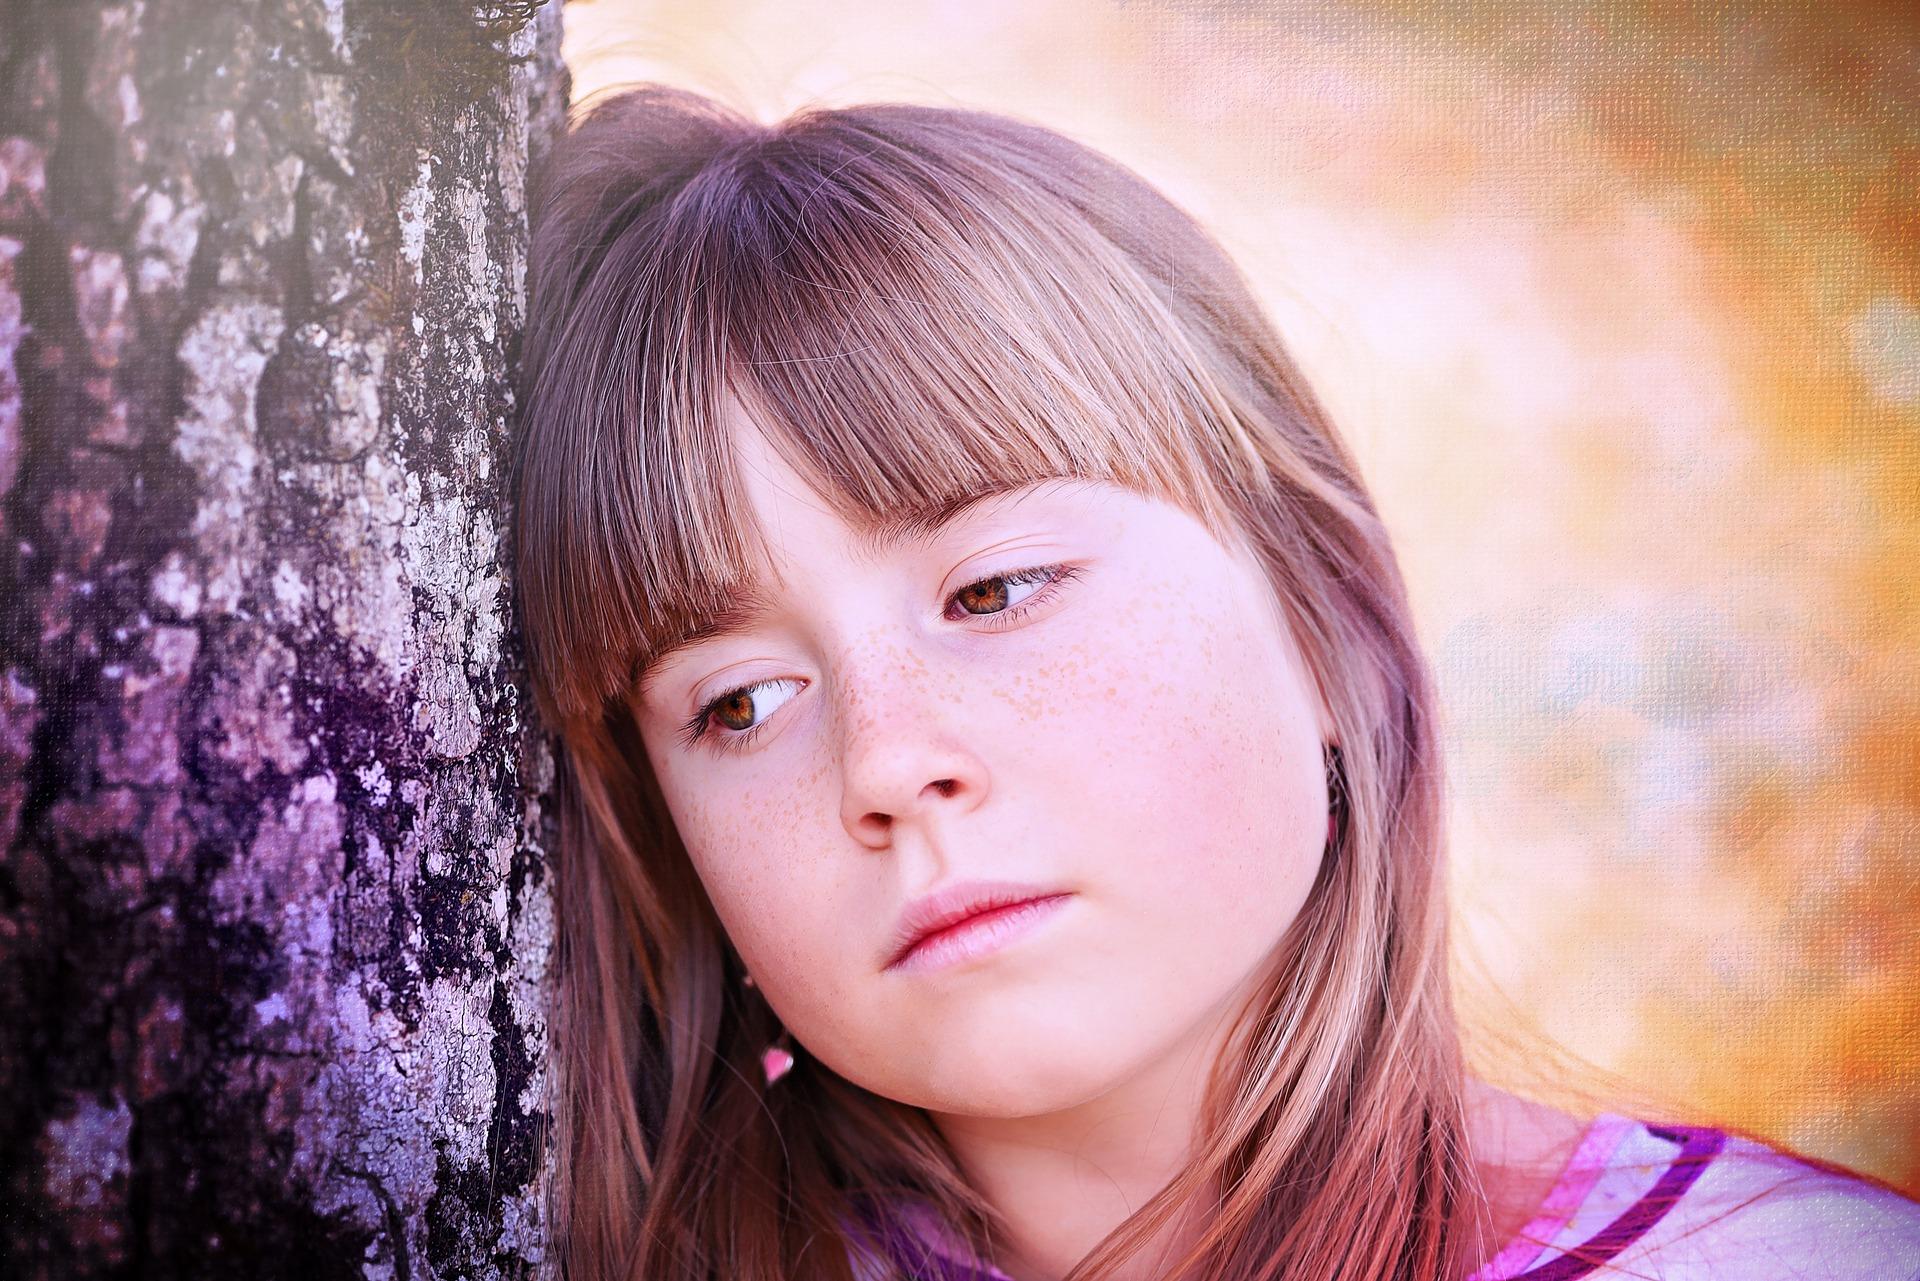 Young girl sad on tree